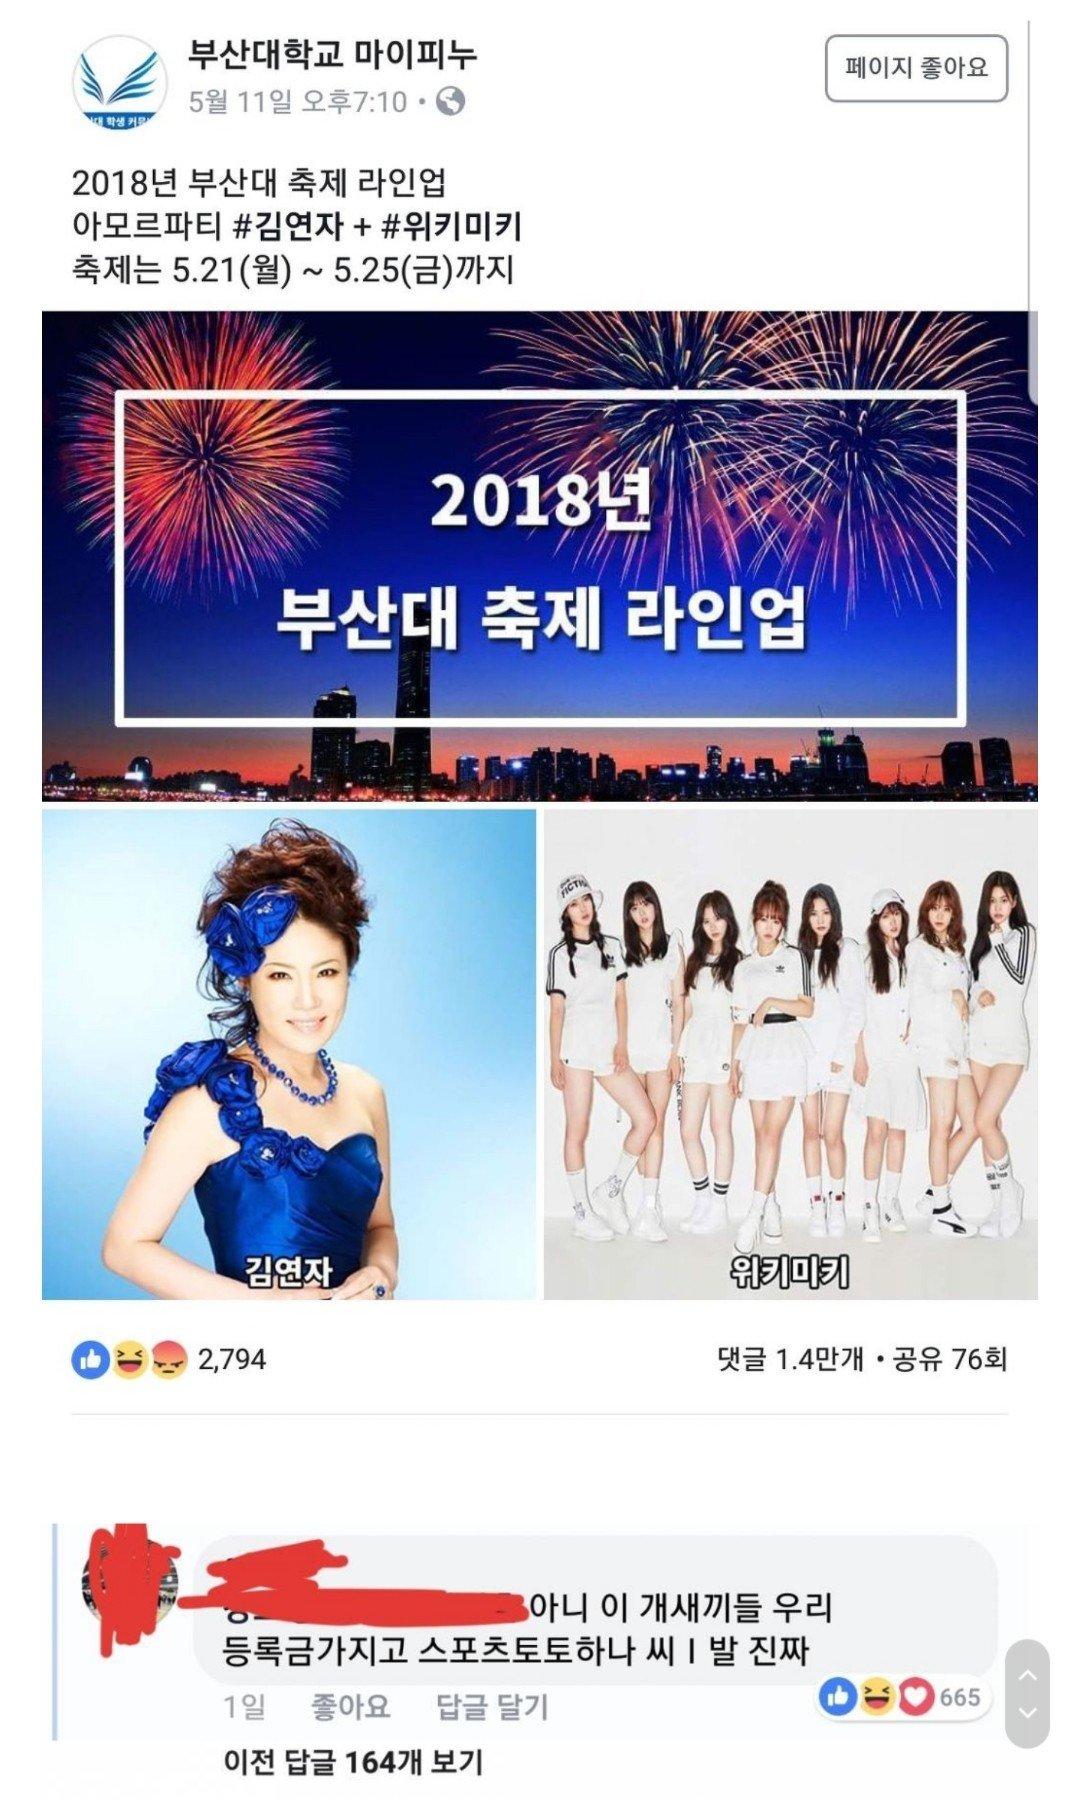 Screenshot_20180513-222001.jpg 부산대 축제 근황.jpg